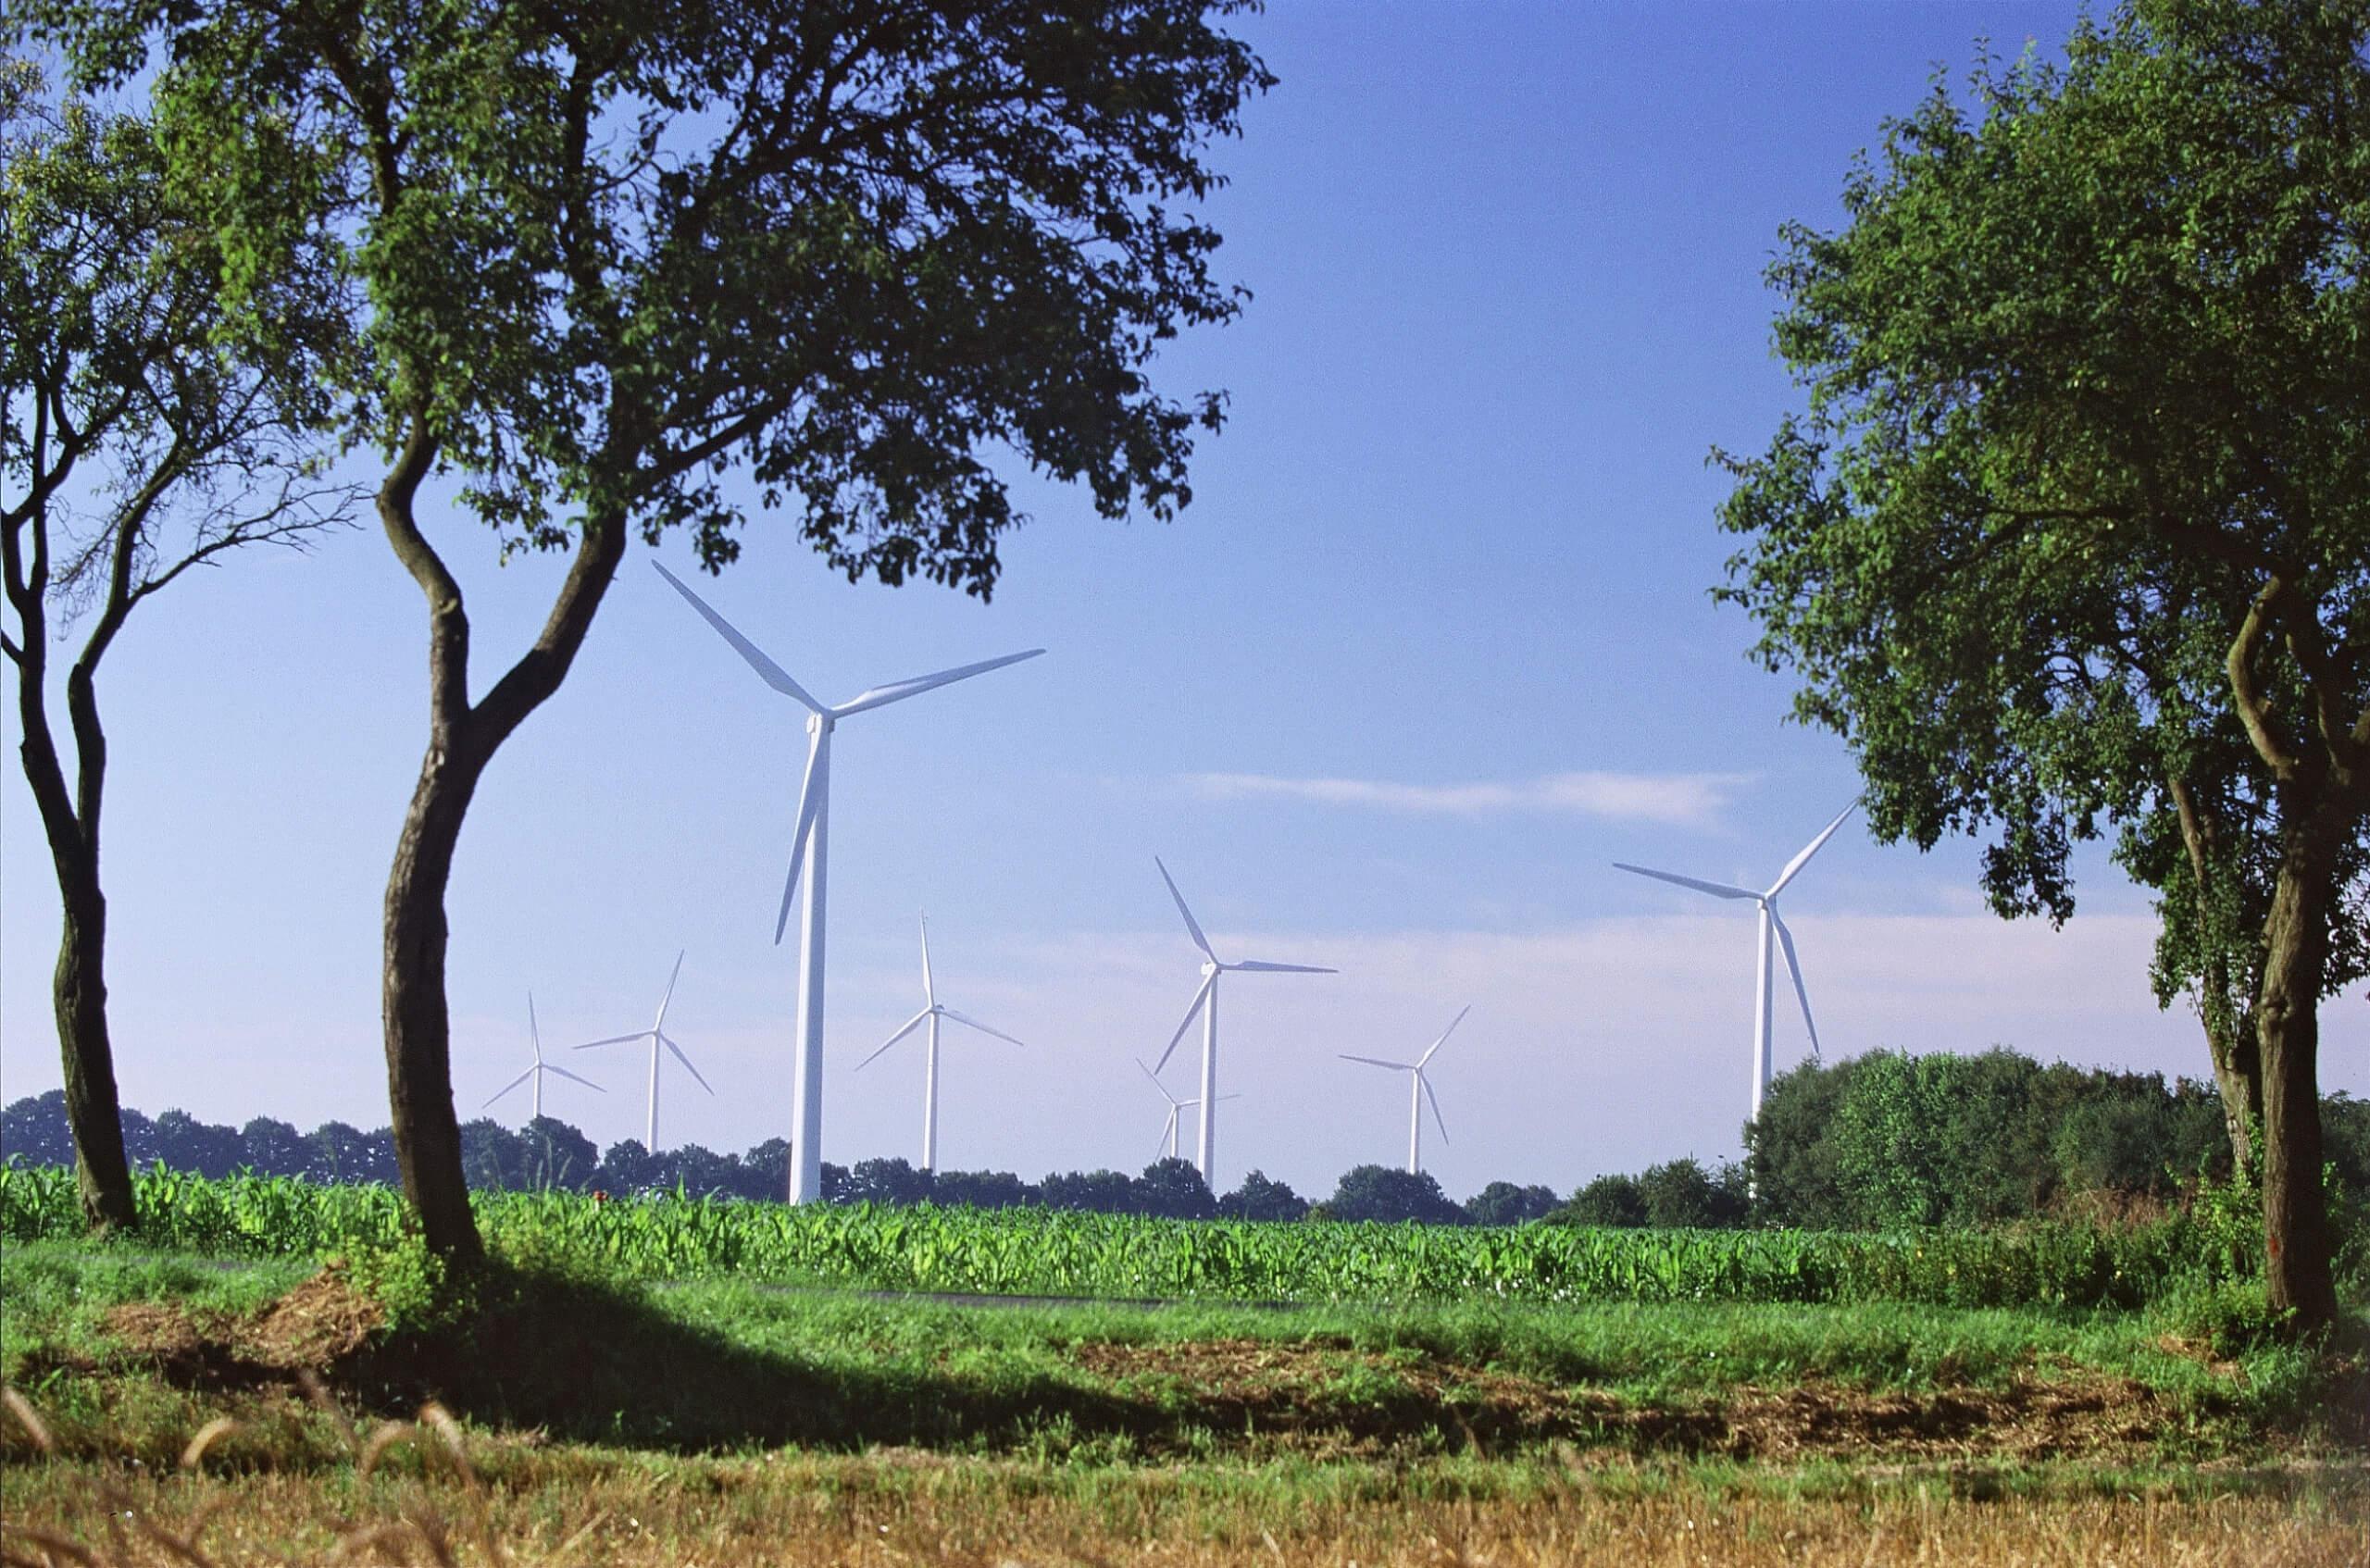 WEA-Landschaft: Bildquelle, Copyright: Nordex SE; Bilderdatenbank des Bundesverband WindEnergie e. V.